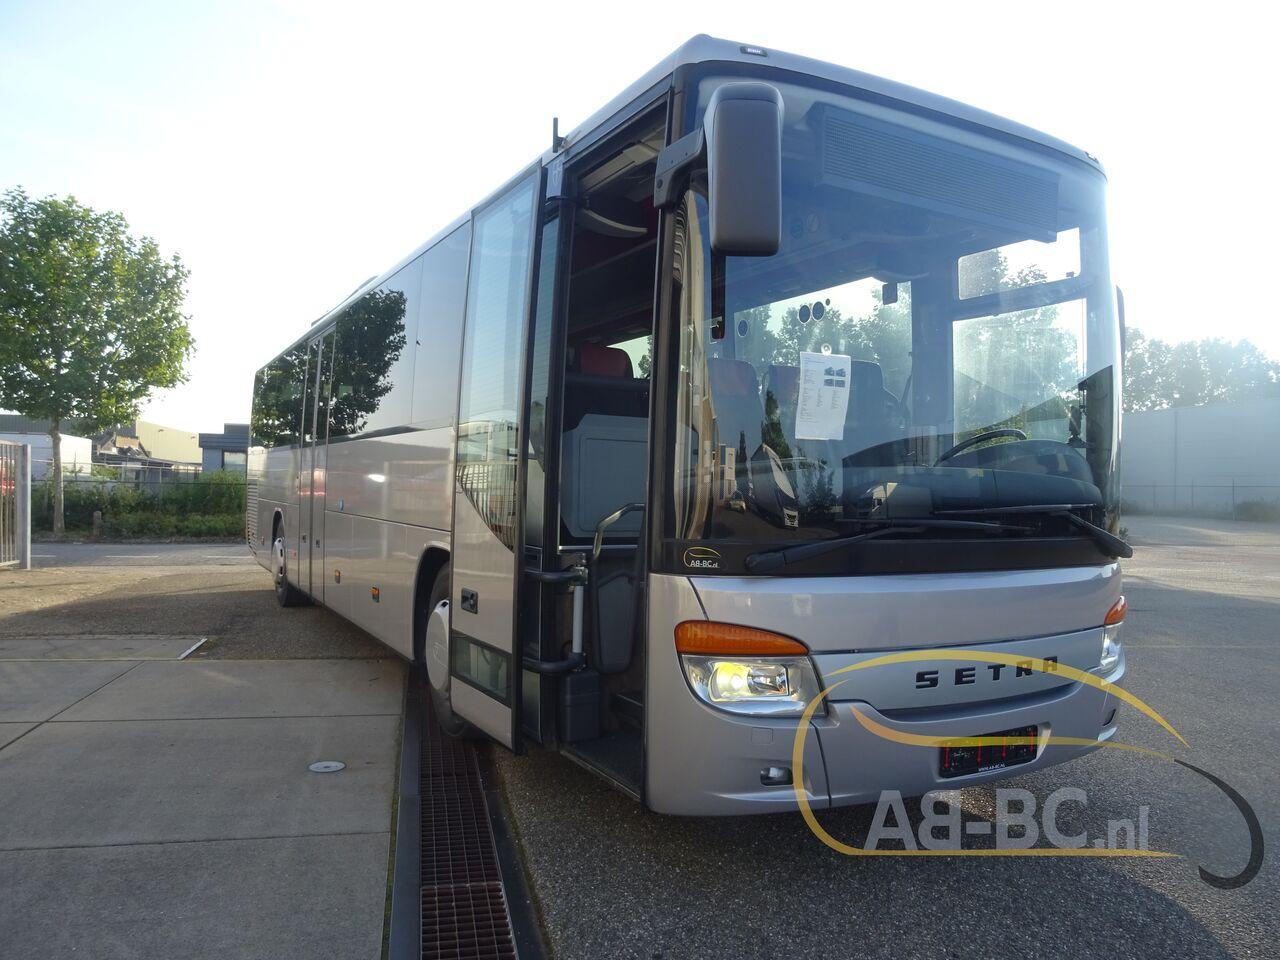 coach-bus-SETRA-S415H-52-Seats-EURO-6-Liftbus---1630913084975501884_big_70f187bf1651e89a6b3ded530883019e--21070517141280735500